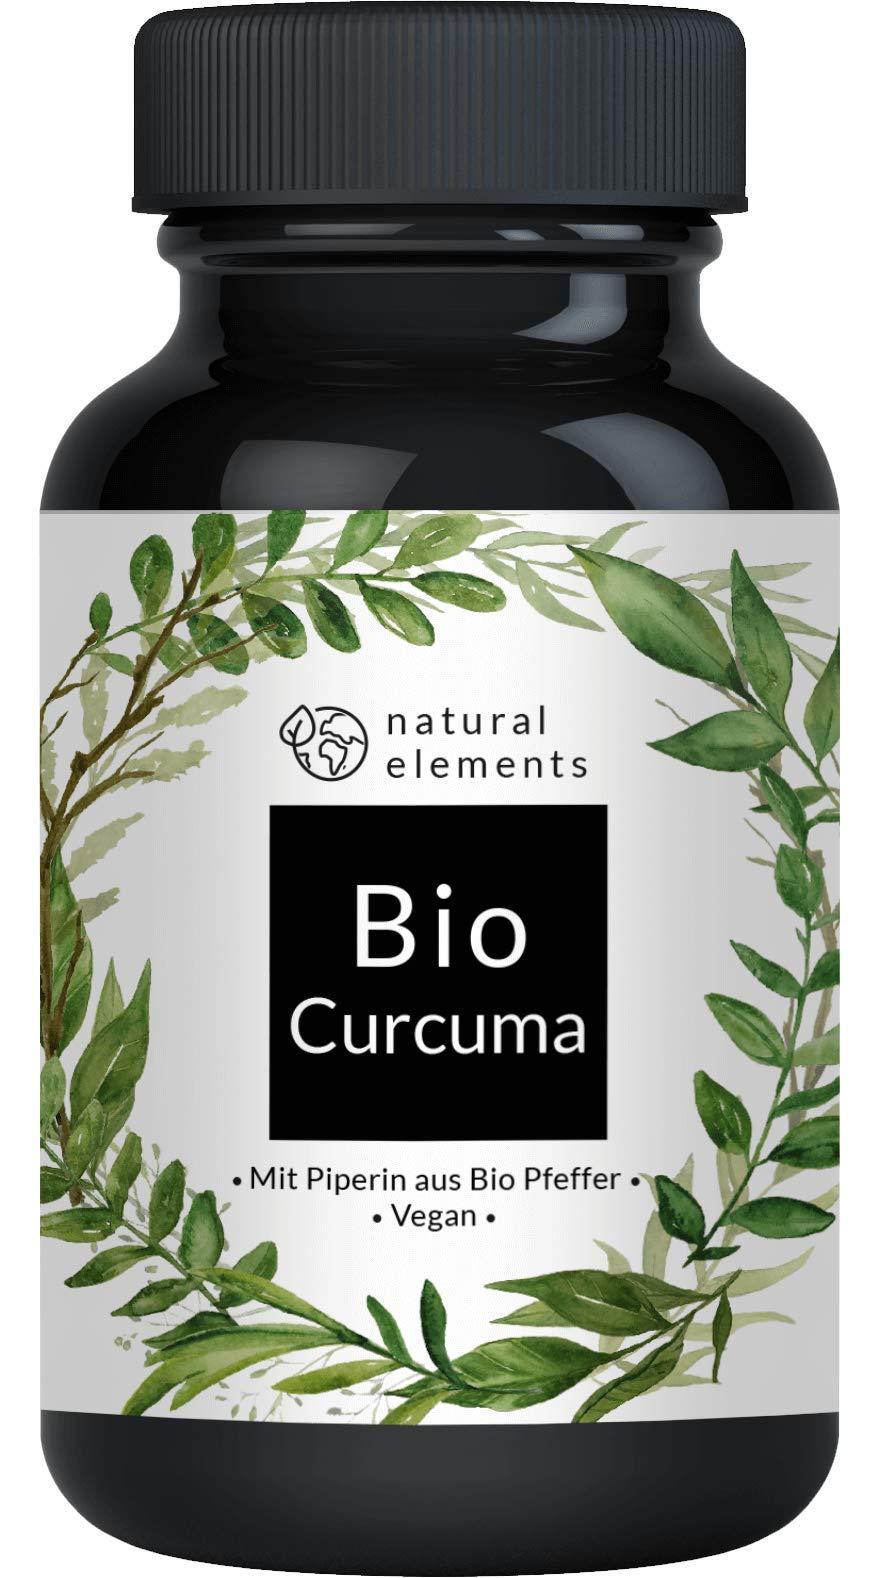 Bio Curcuma (Kurkuma) - Laborgeprüft - 180 vegane Kapseln - 4440 mg pro Tagesdosis (Bio Curcuma + Bio schwarzer Pfeffer) - Mit Curcumin und Piperin - Hochdosiert, vegan und hergestellt in Deutschland product image